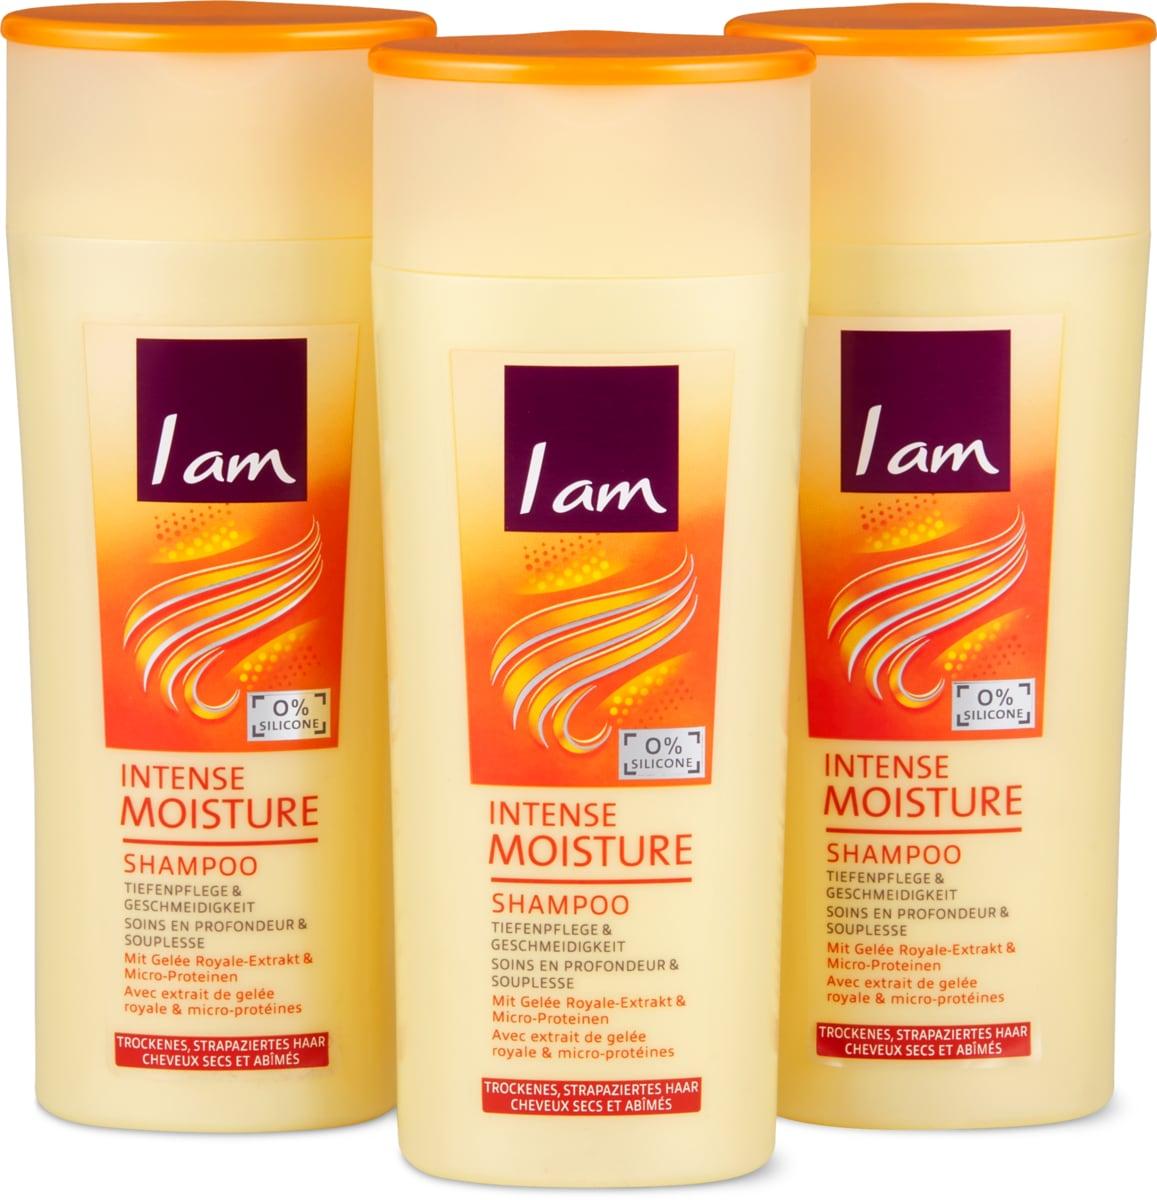 I am Shampoos